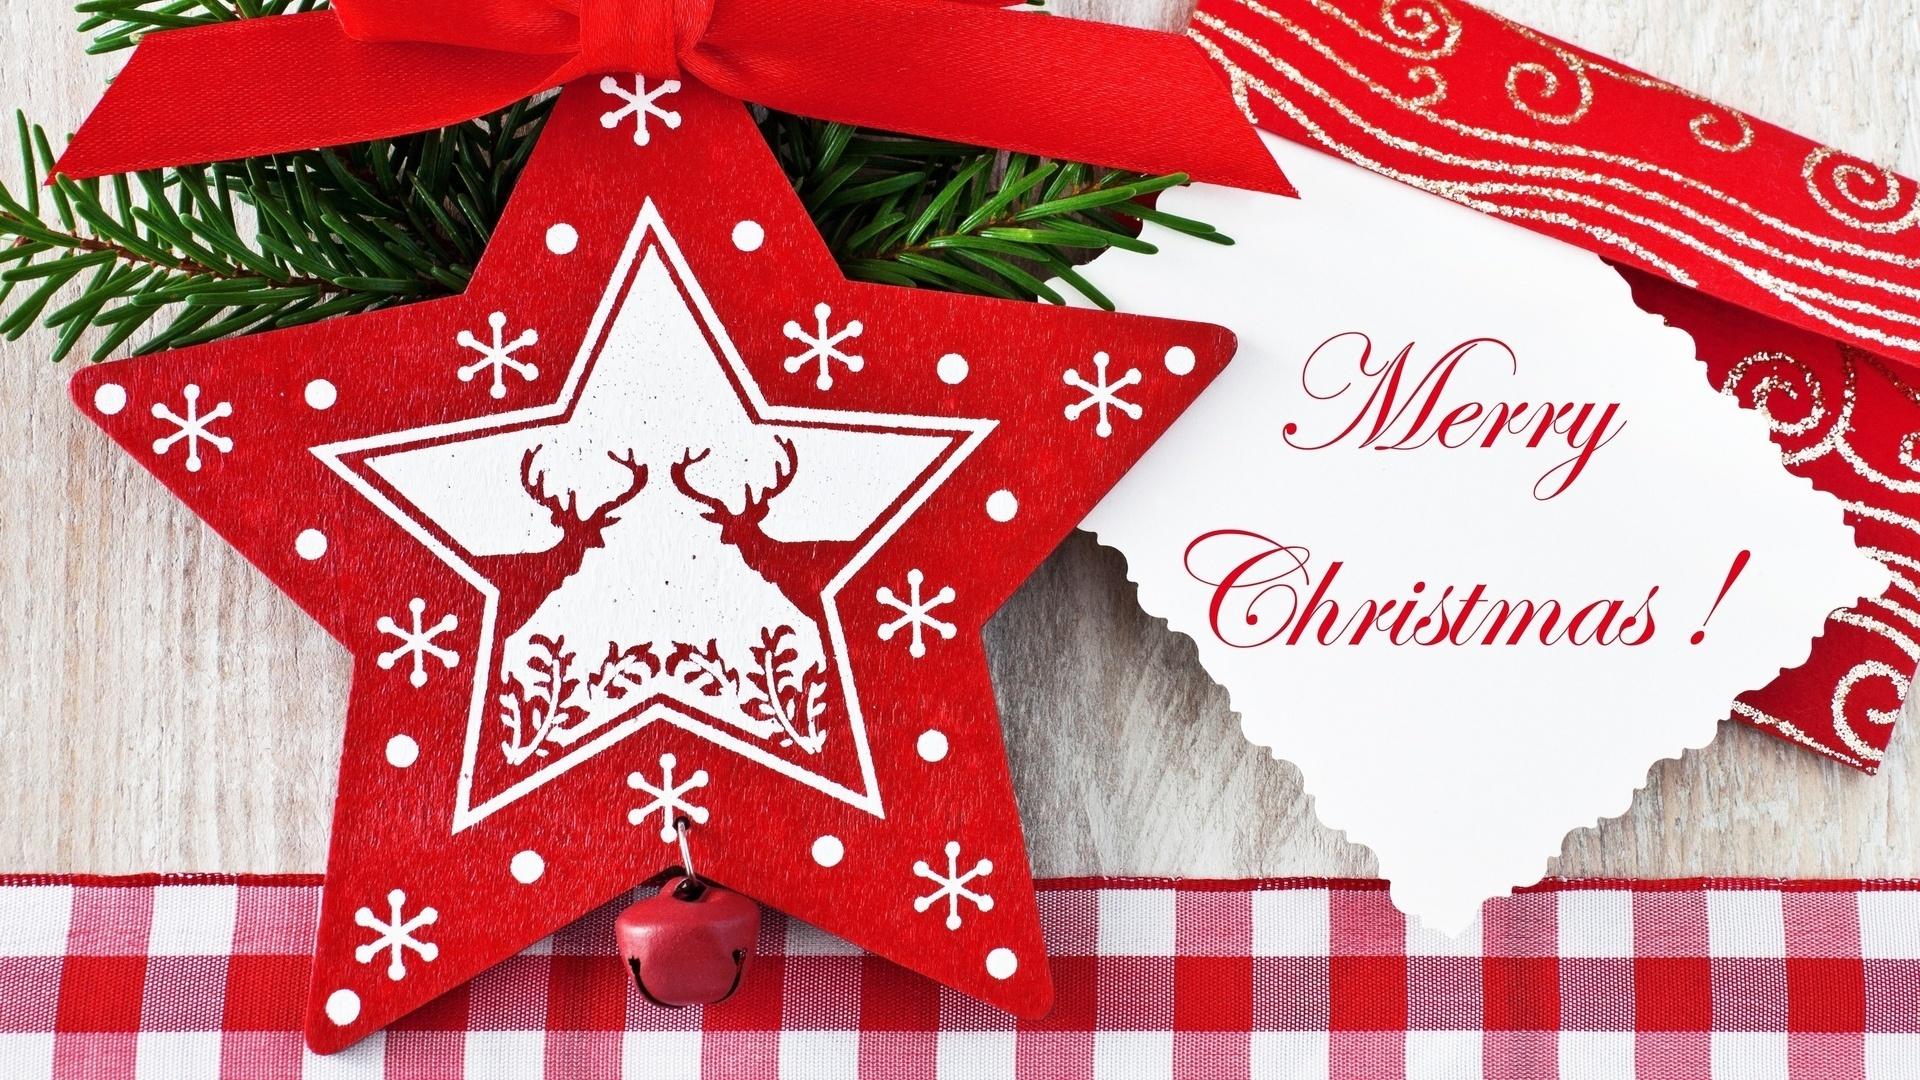 Современные открытки с новым годом и рождеством дерево